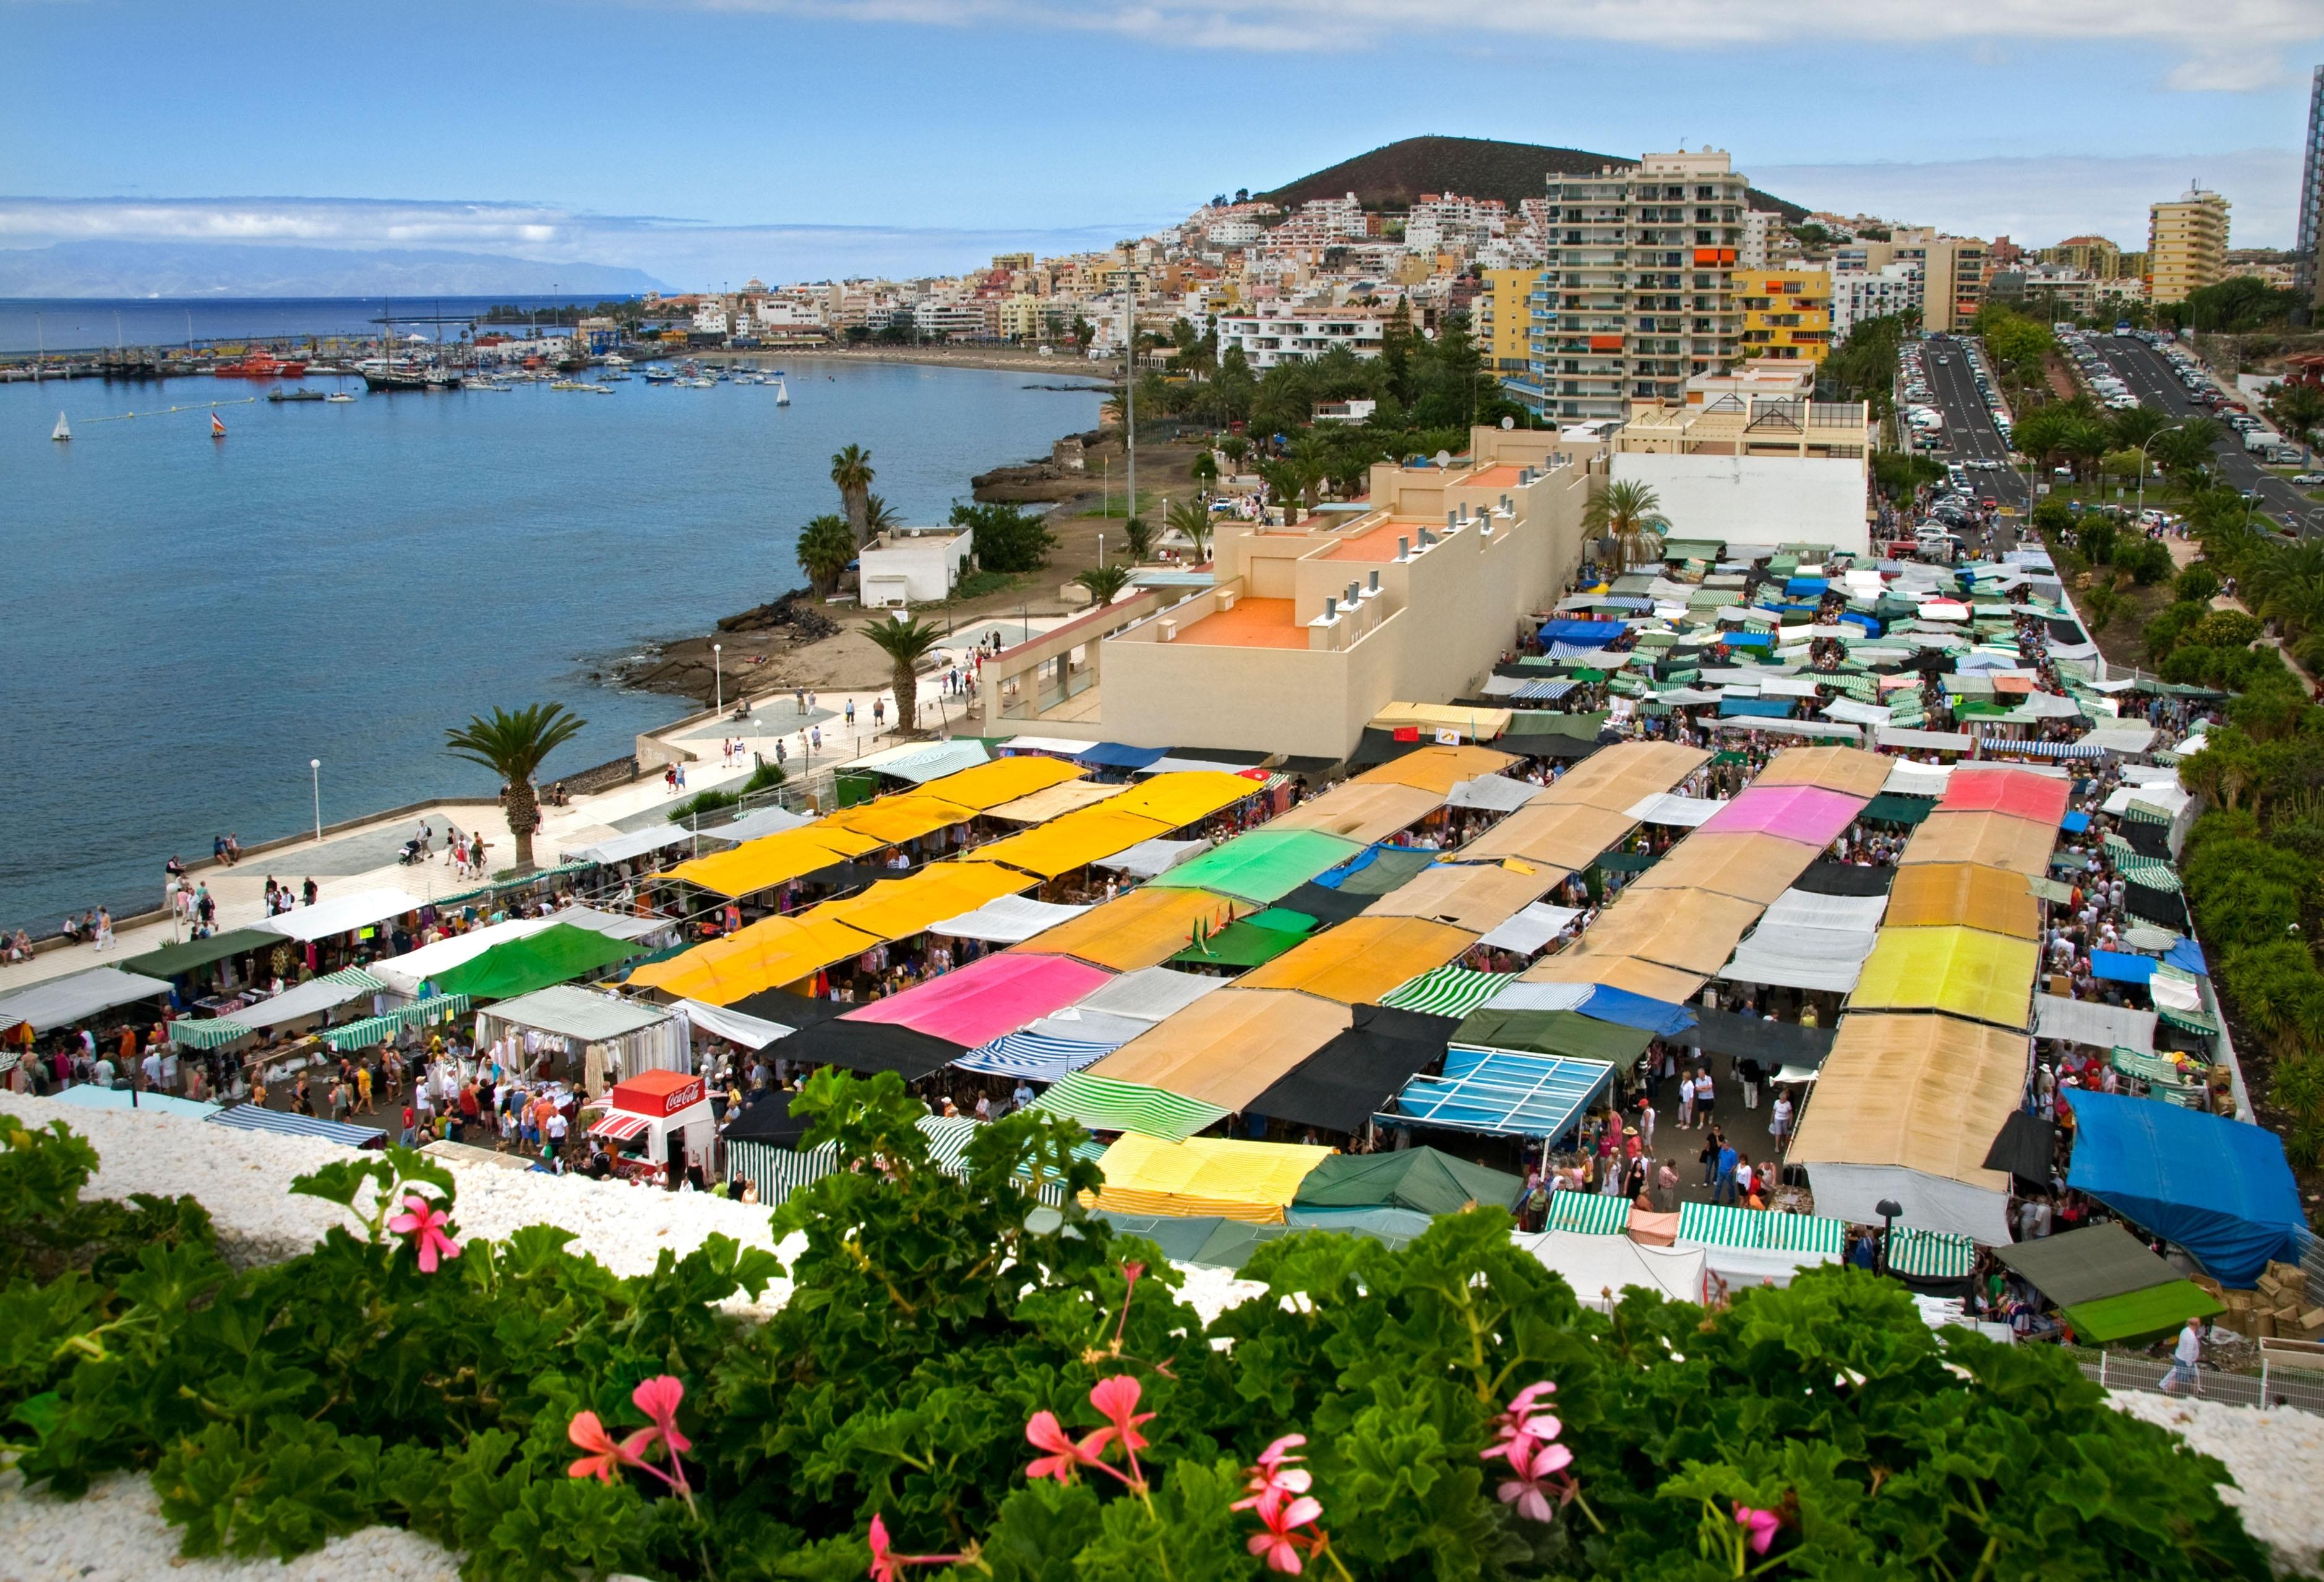 Los Cristianos Beach, Arona, Canary Islands, Spain